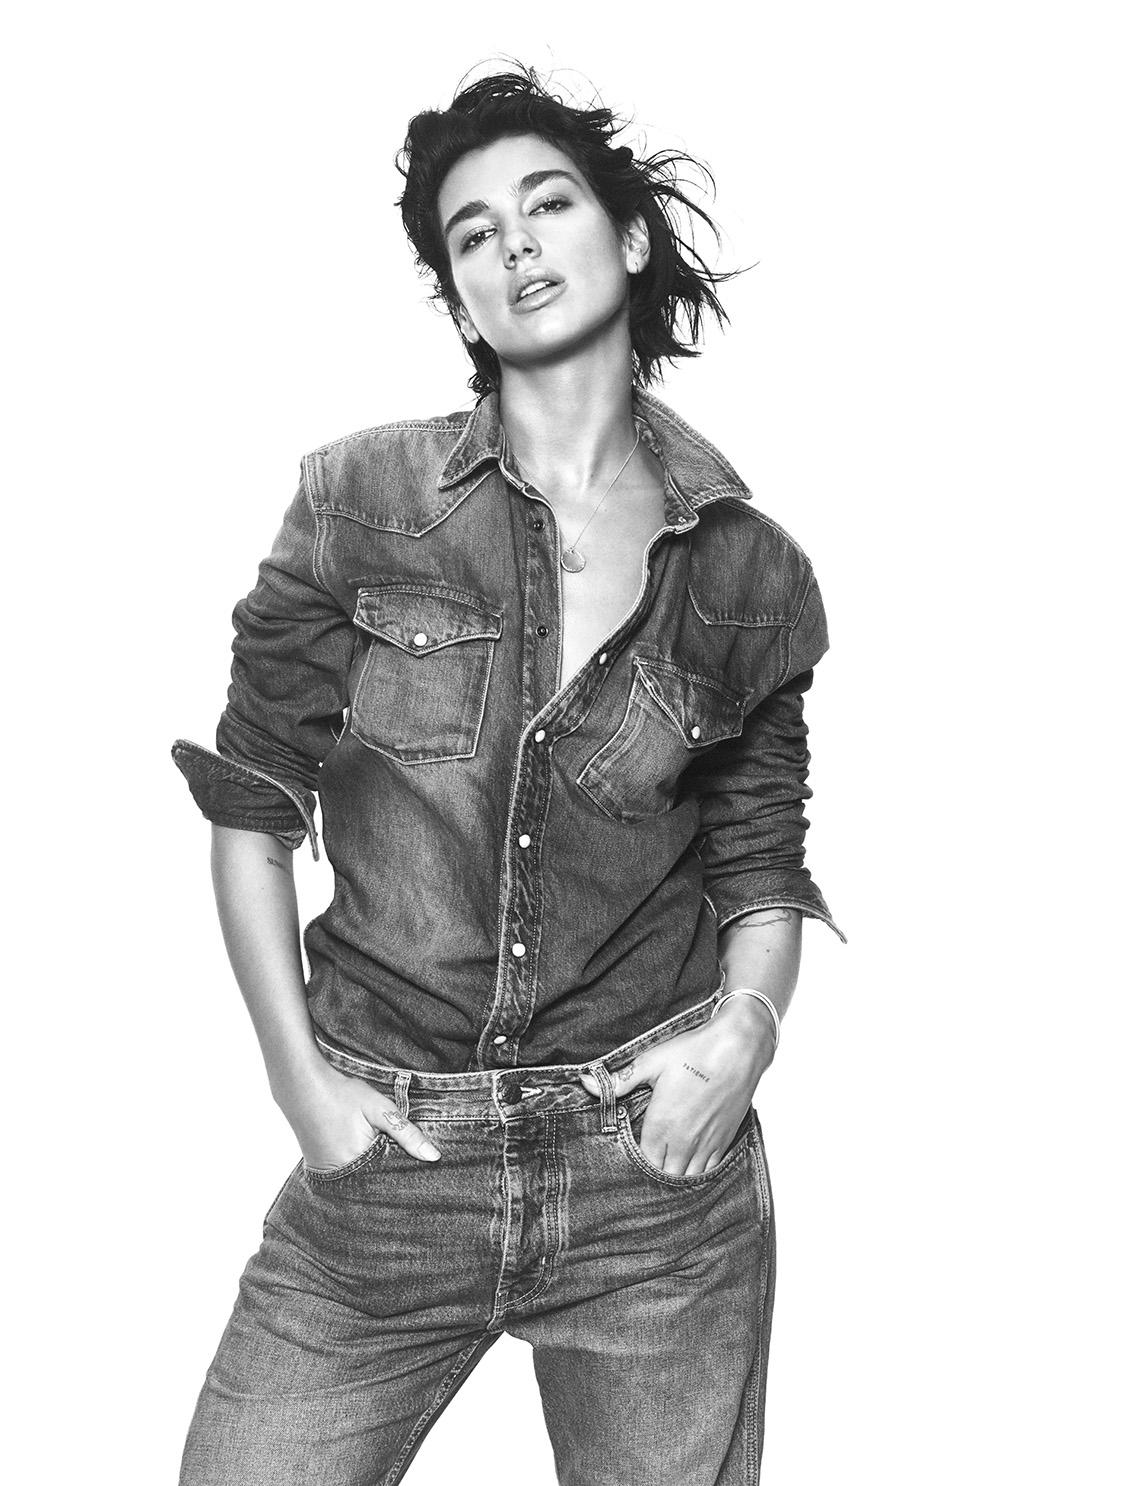 dua-lipa-per-pepe-jeans-london_campaign-image-5